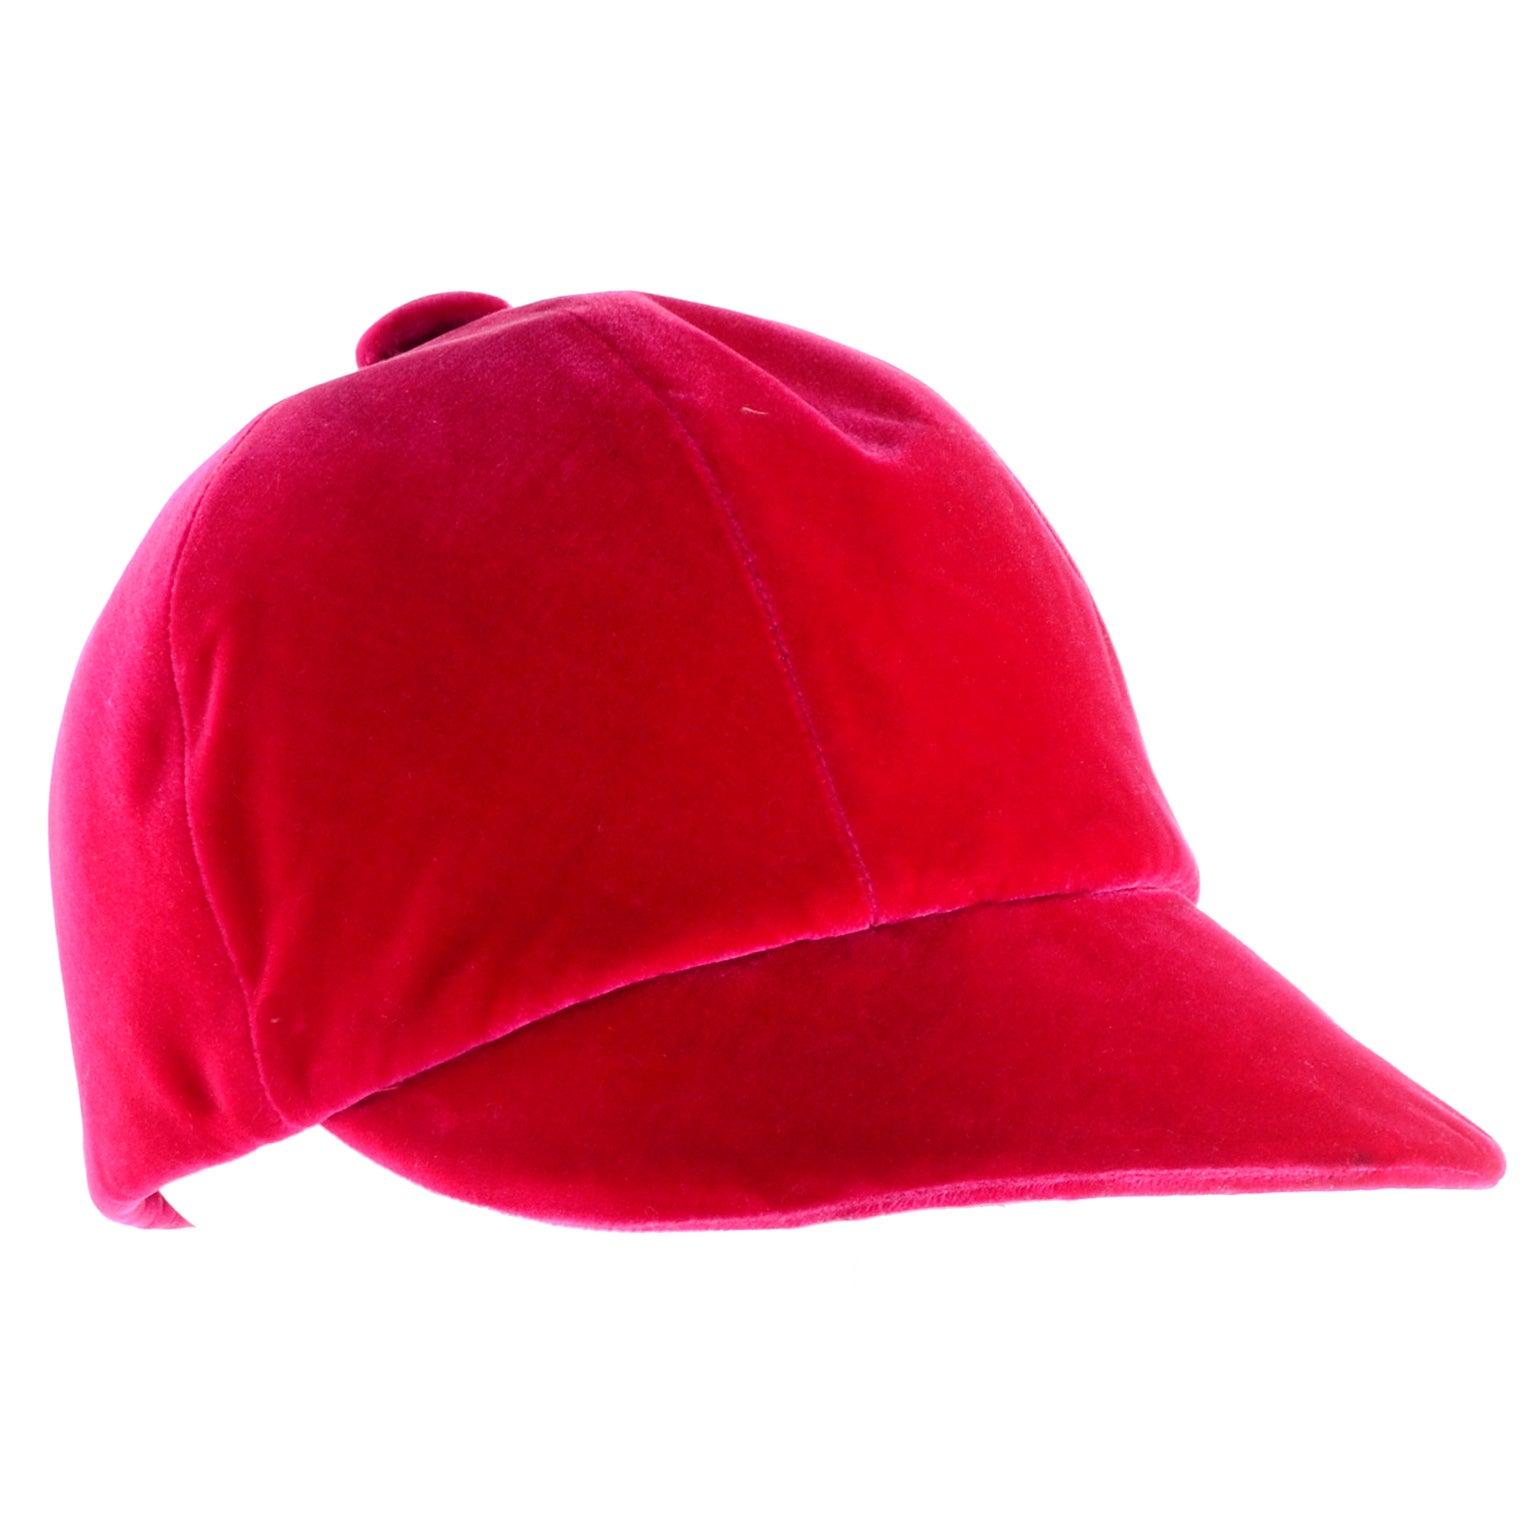 Vintage Emme Hat in Red Velvet Equestrian Riding Cap